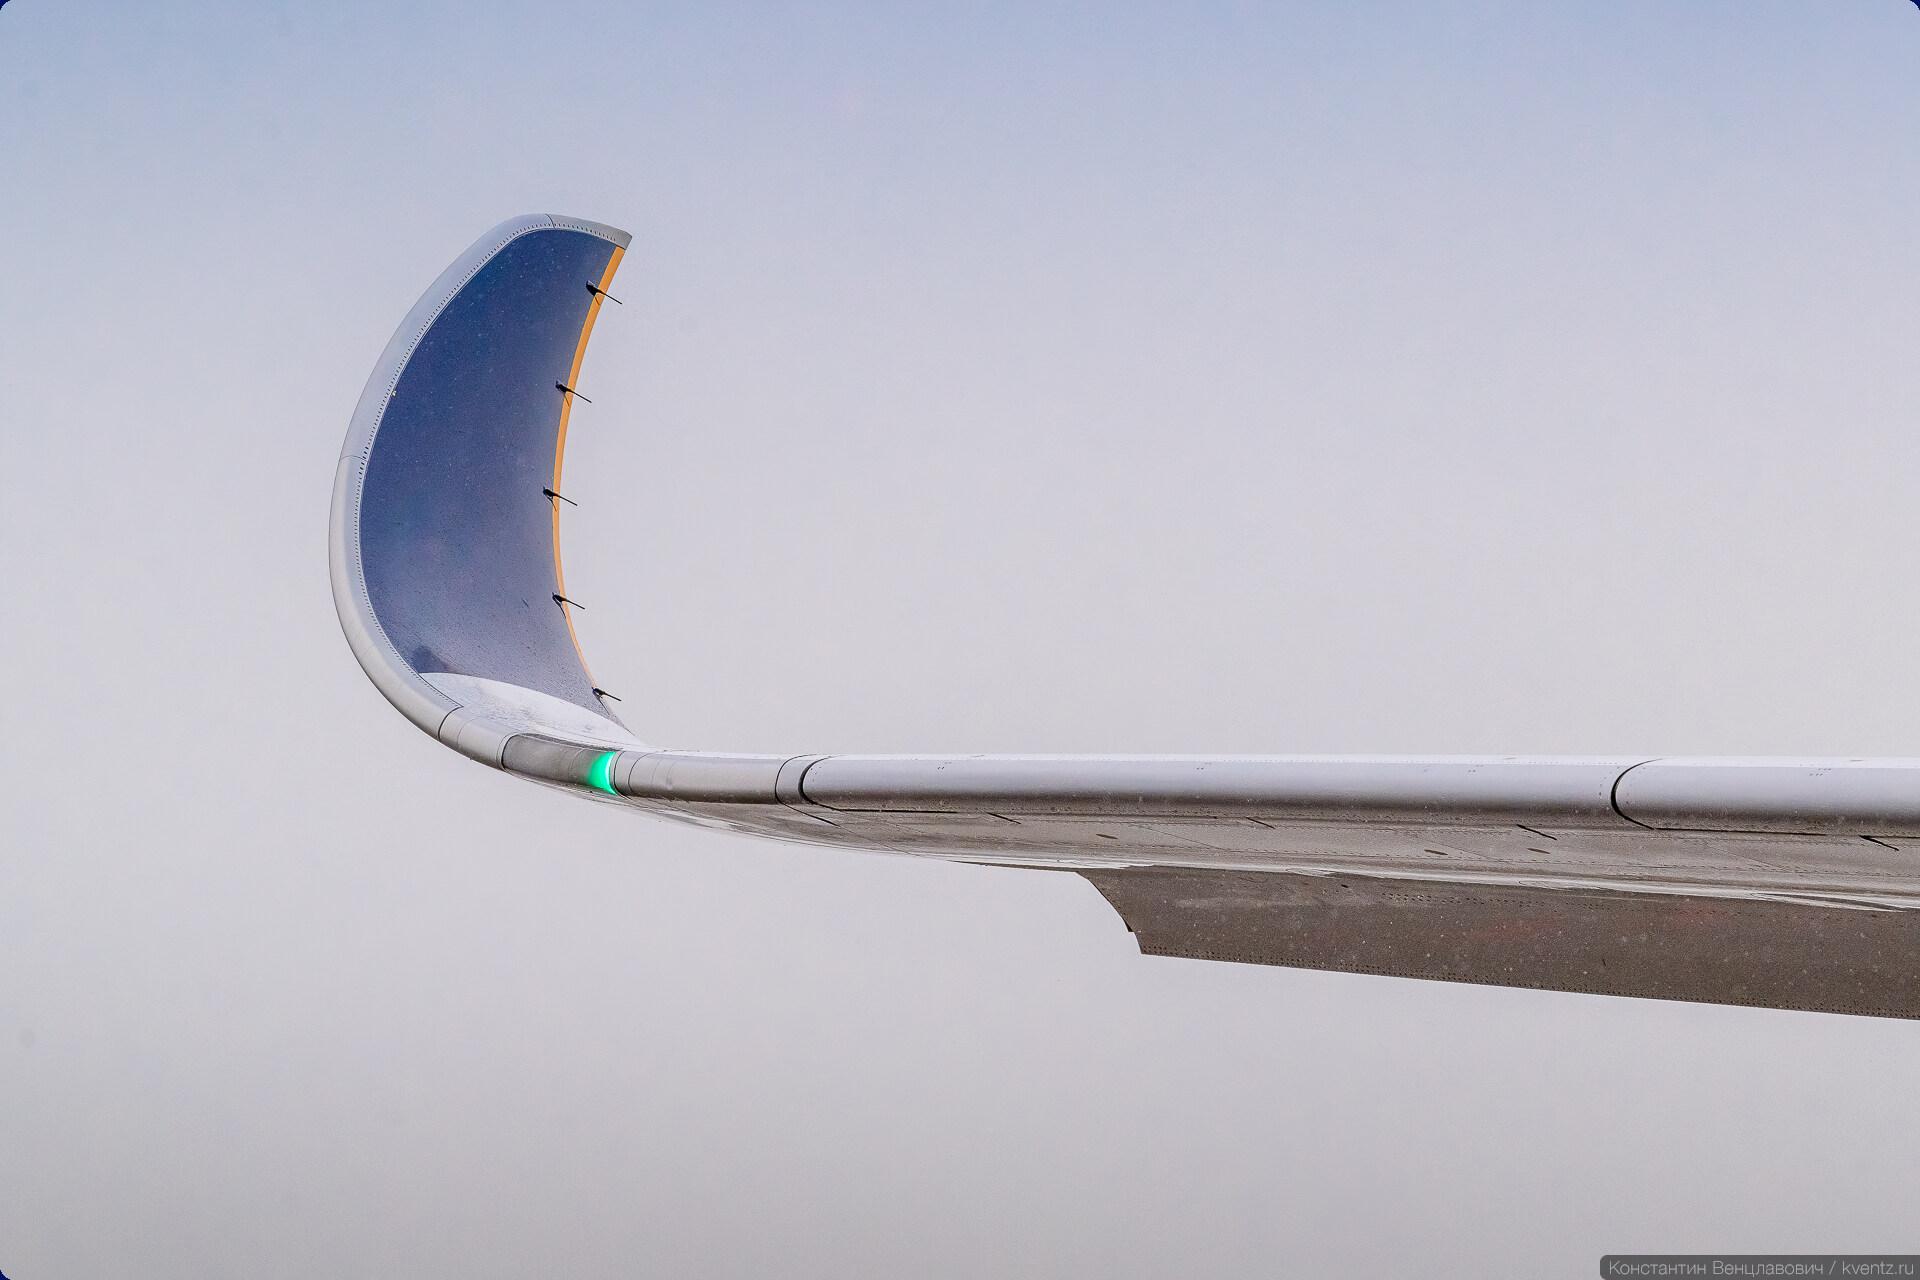 06. У A350 невообразимая кривизна законцовки крыла.